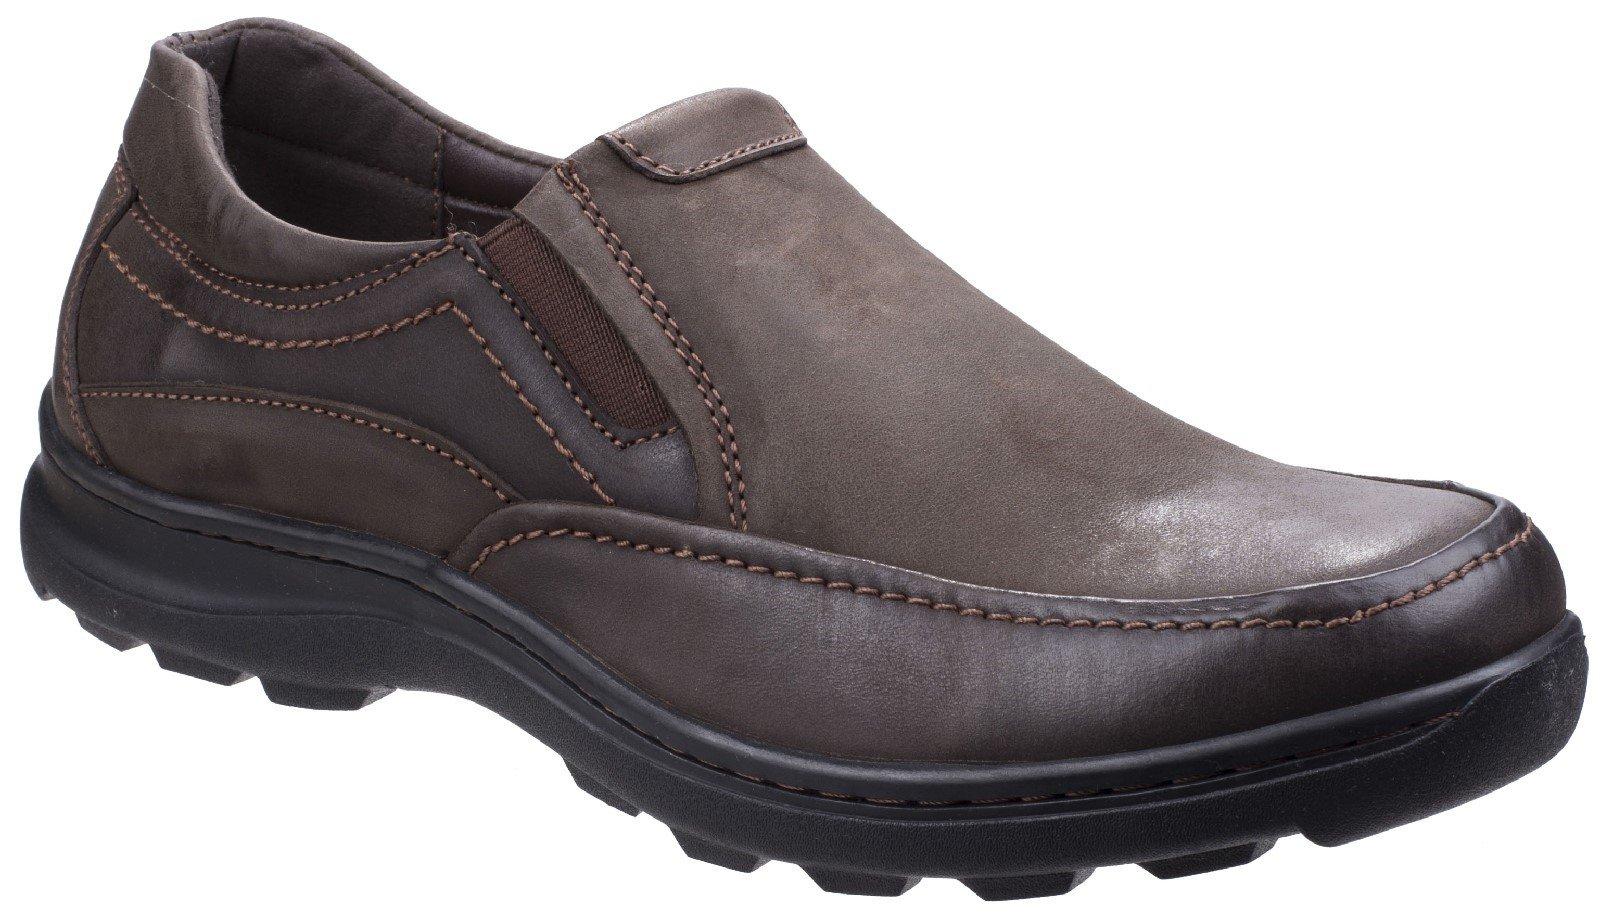 Fleet & Foster Men's Goa Slip On Shoe Black 26315-43925 - Brown 7